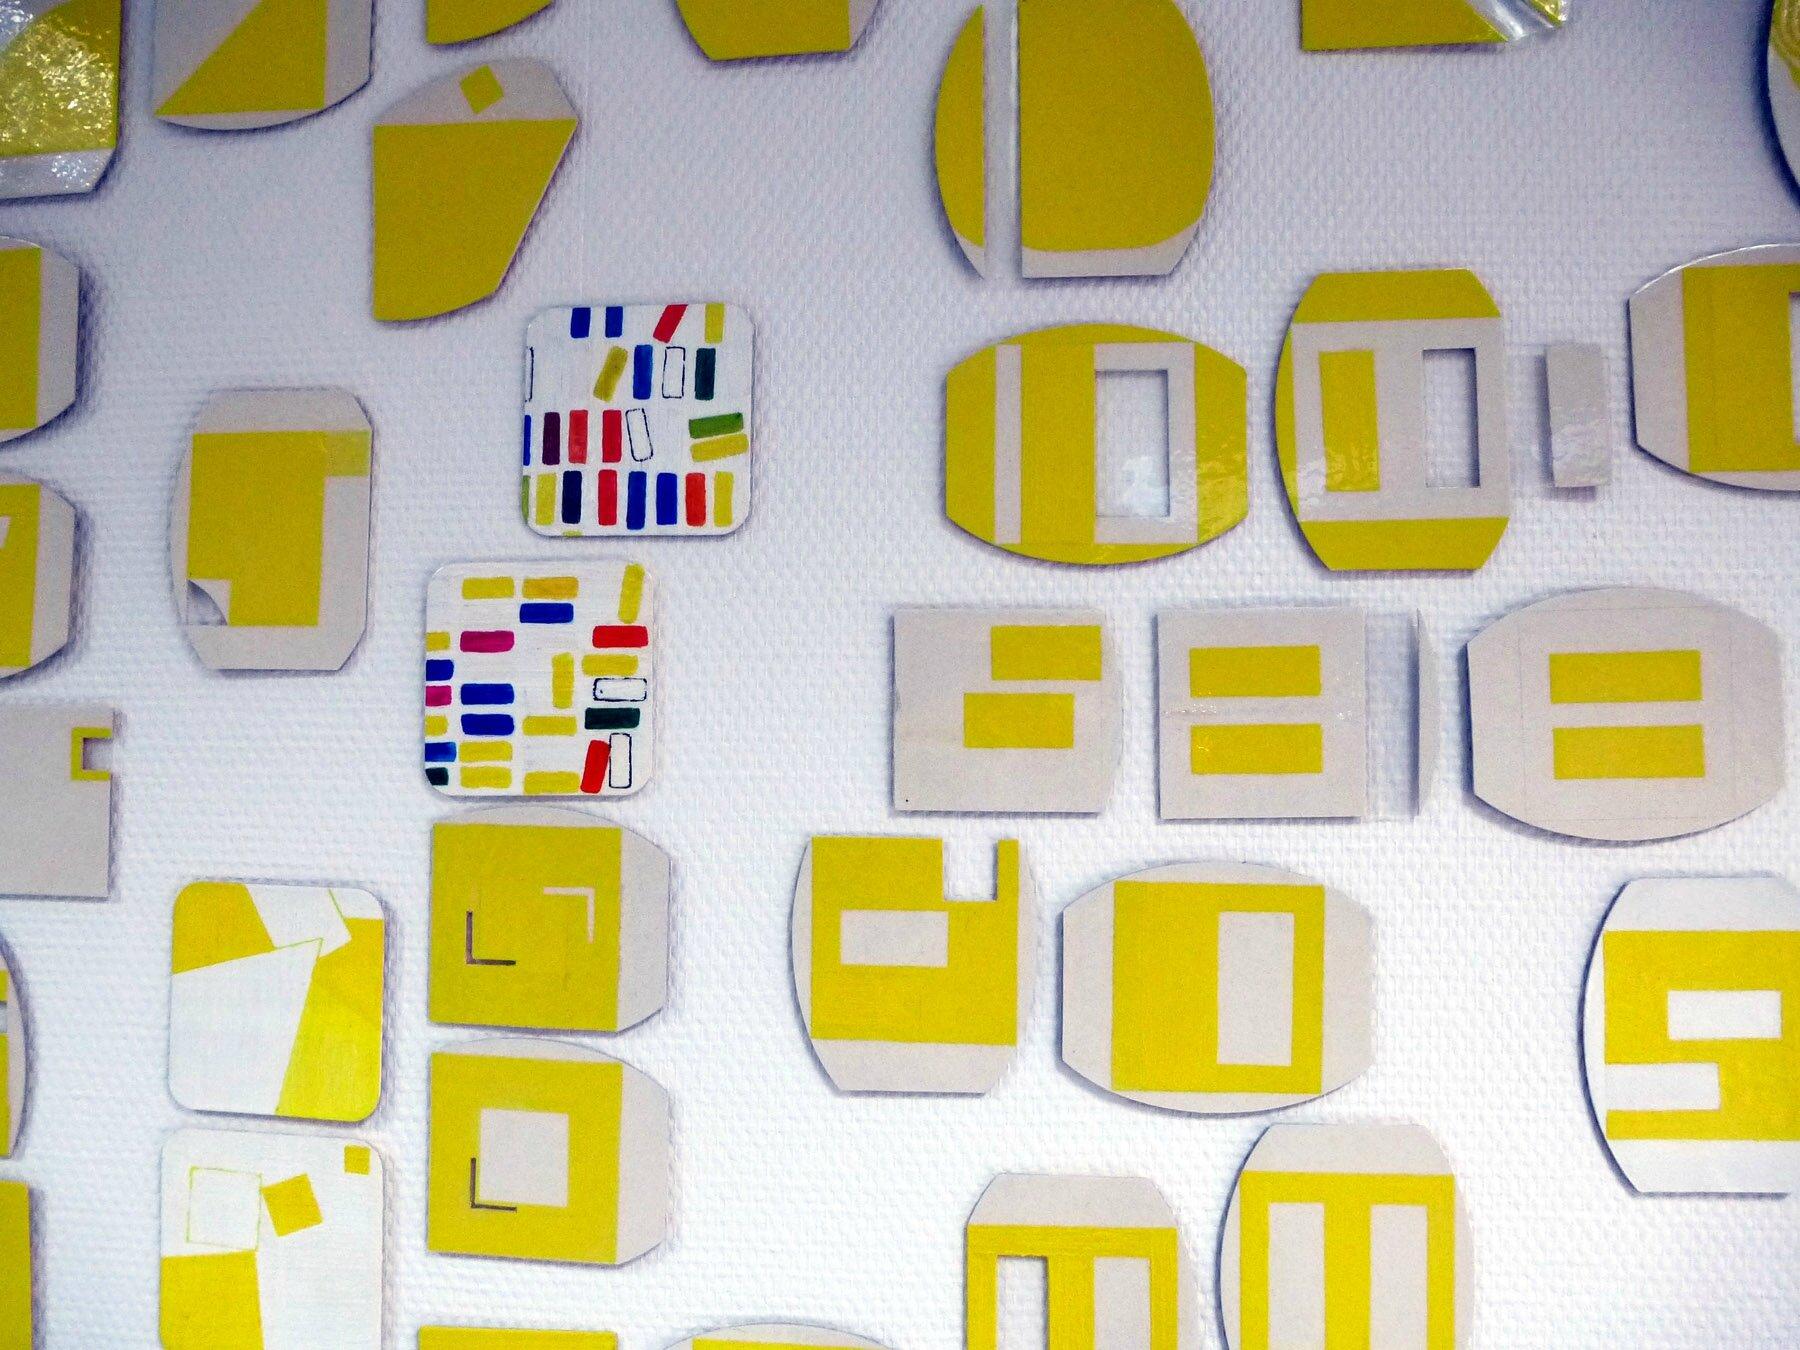 Ateliers portes ouvertes 2013 Auberge de Jeunesse RENNES